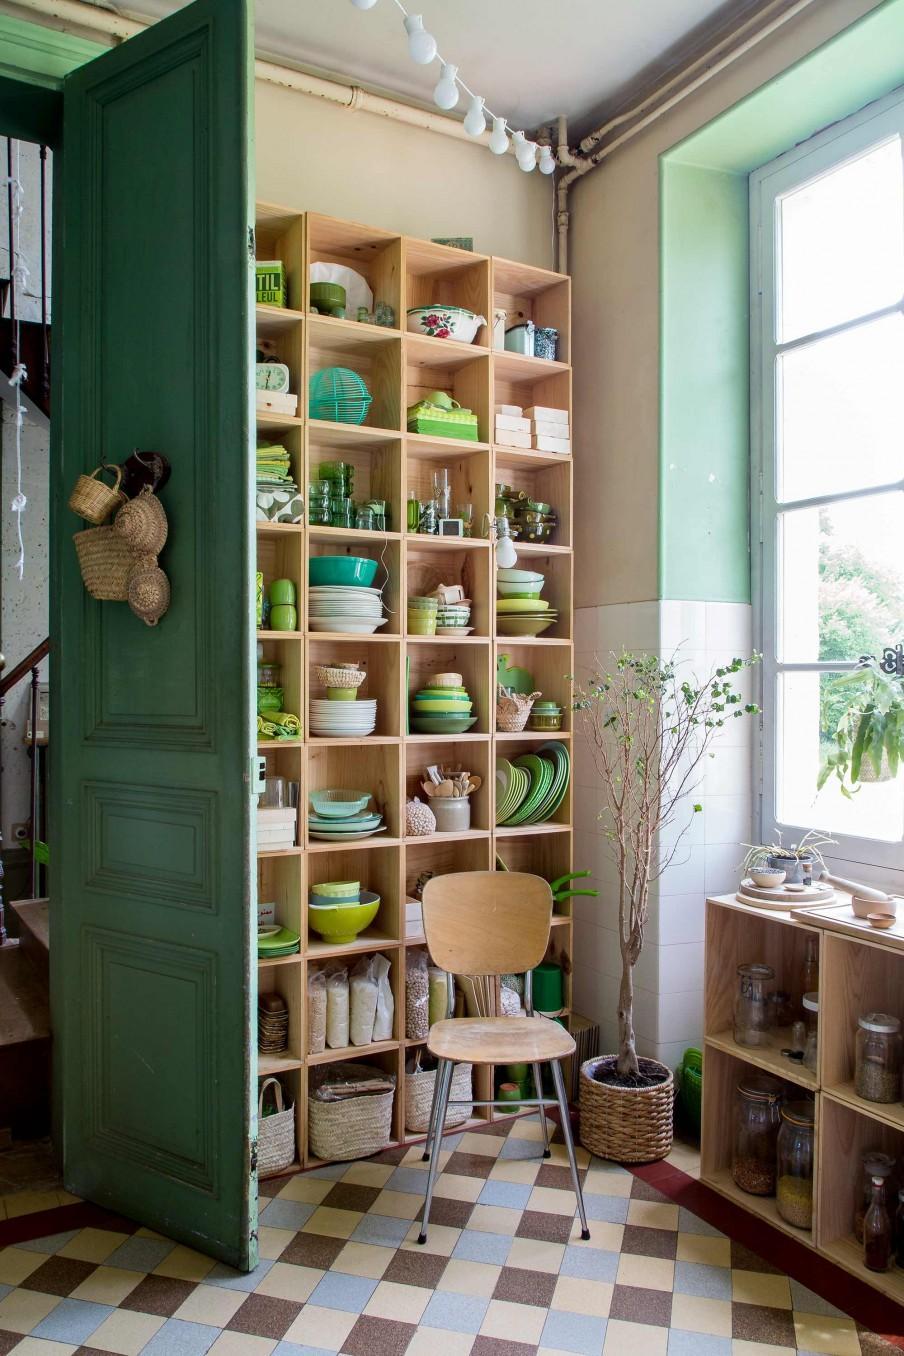 étagère vaisselle verte